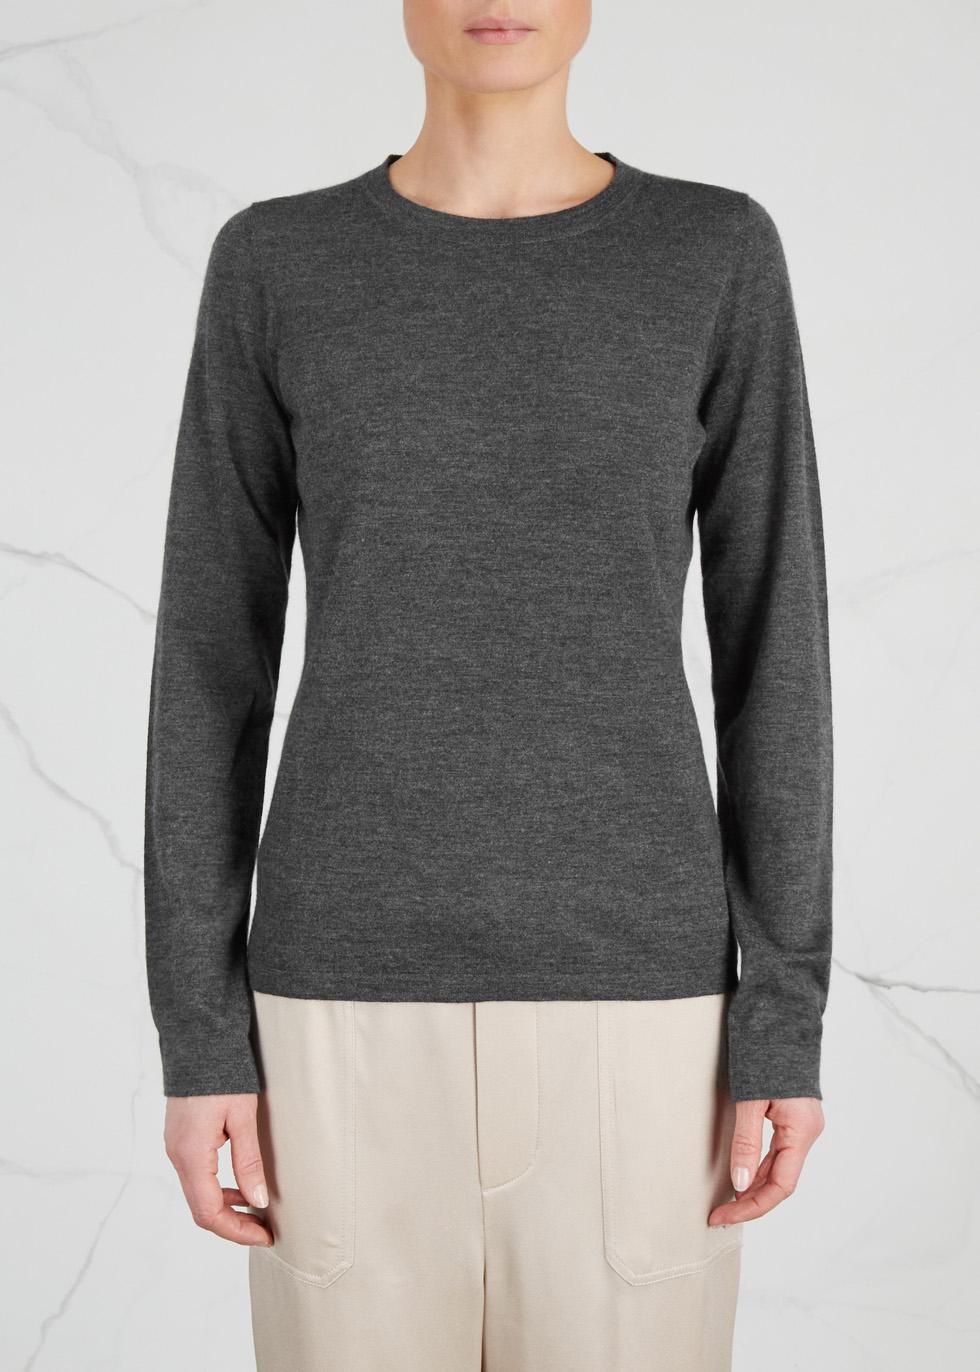 Paraty fine-knit cashmere jumper - Le Kasha